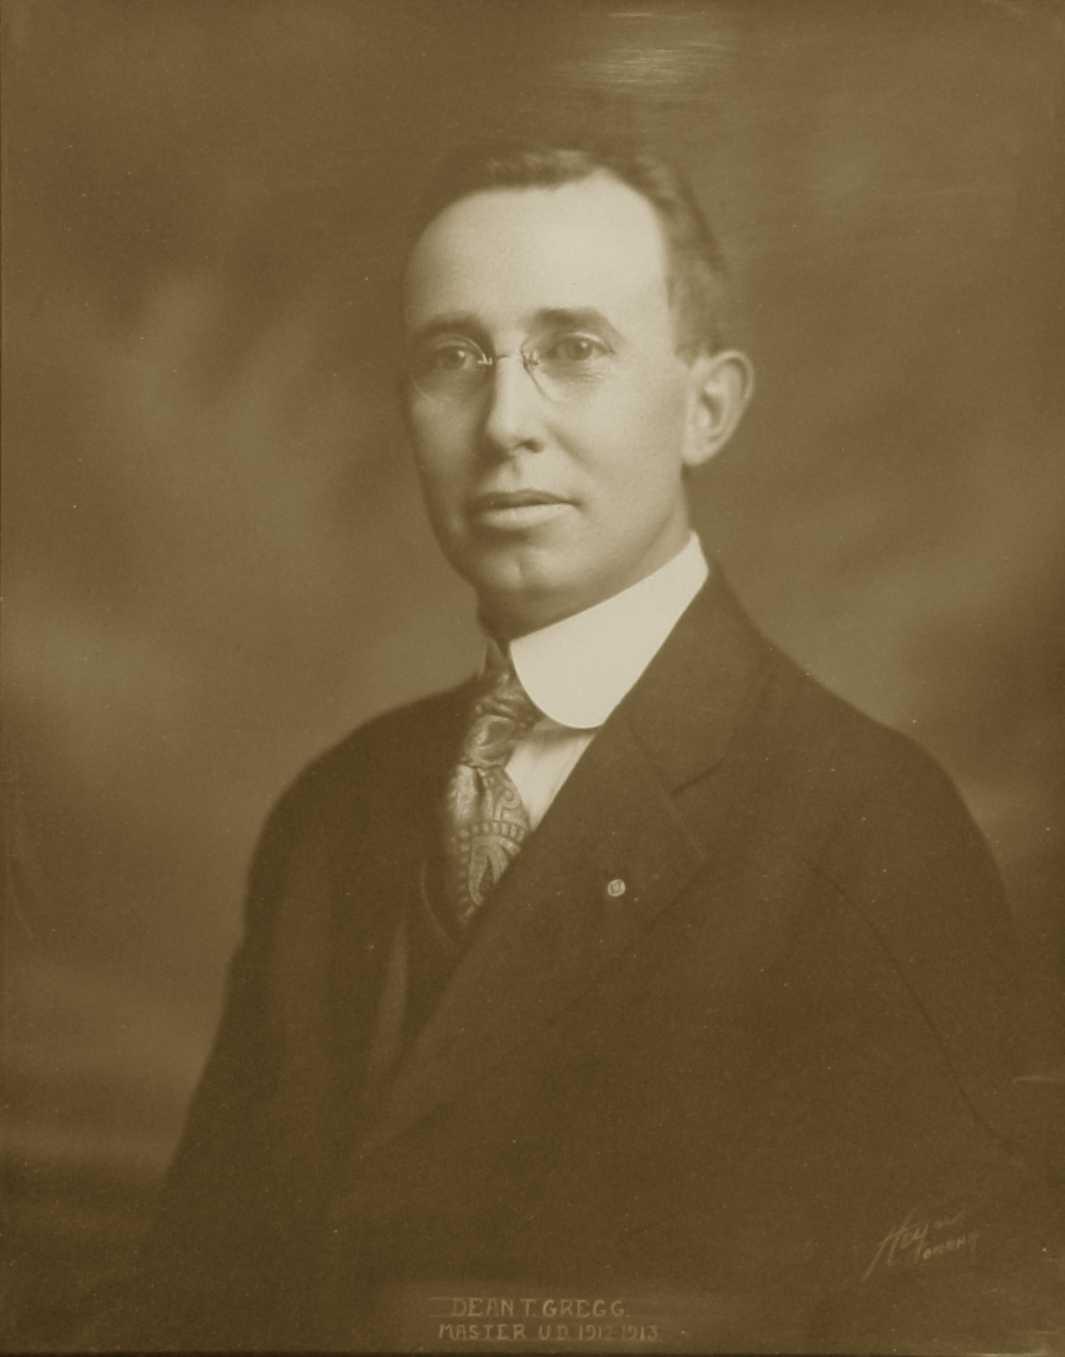 Dean Gregg, 1913 (U.D.)